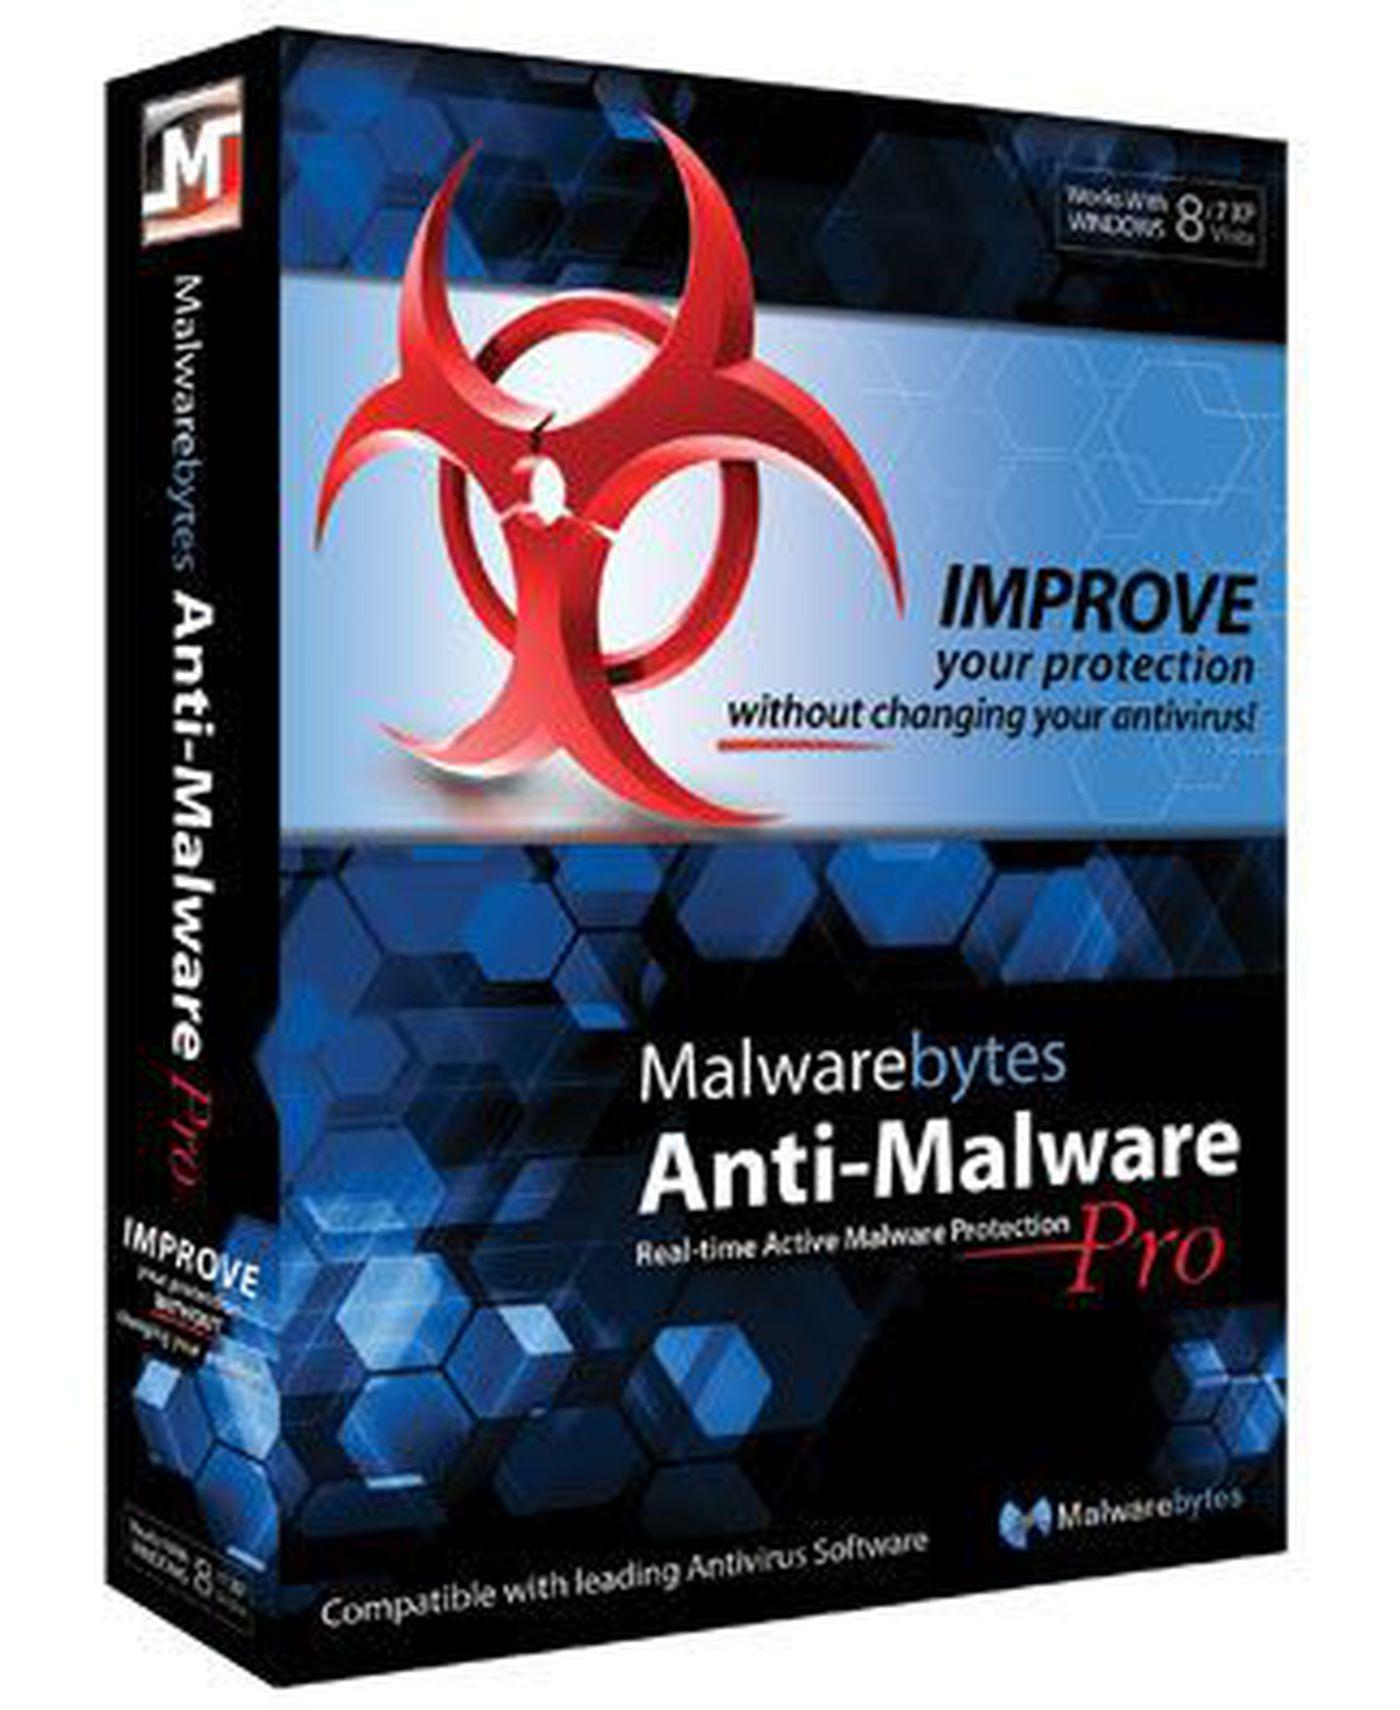 malwarebytes pro free